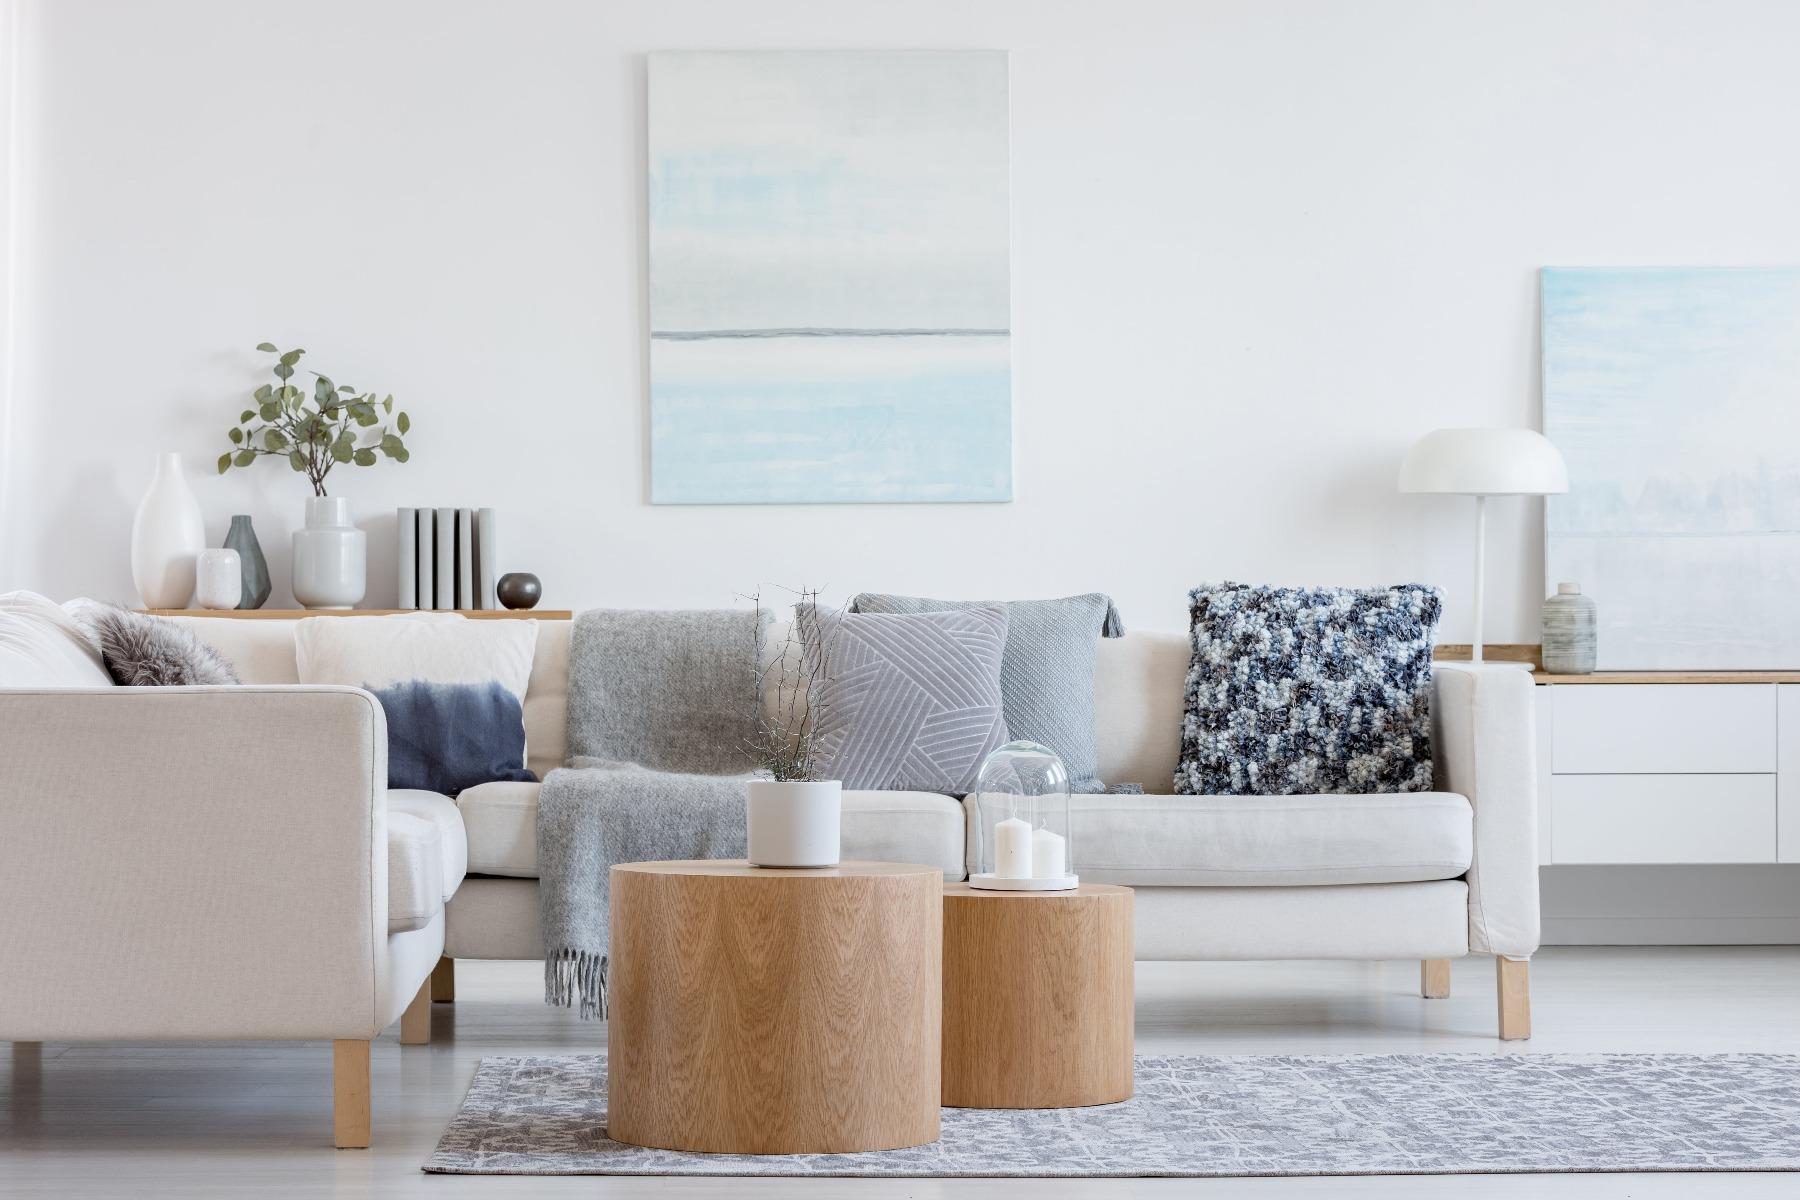 Das Bild zeigt ein Zimmer im skandinavischen Wohnstil.